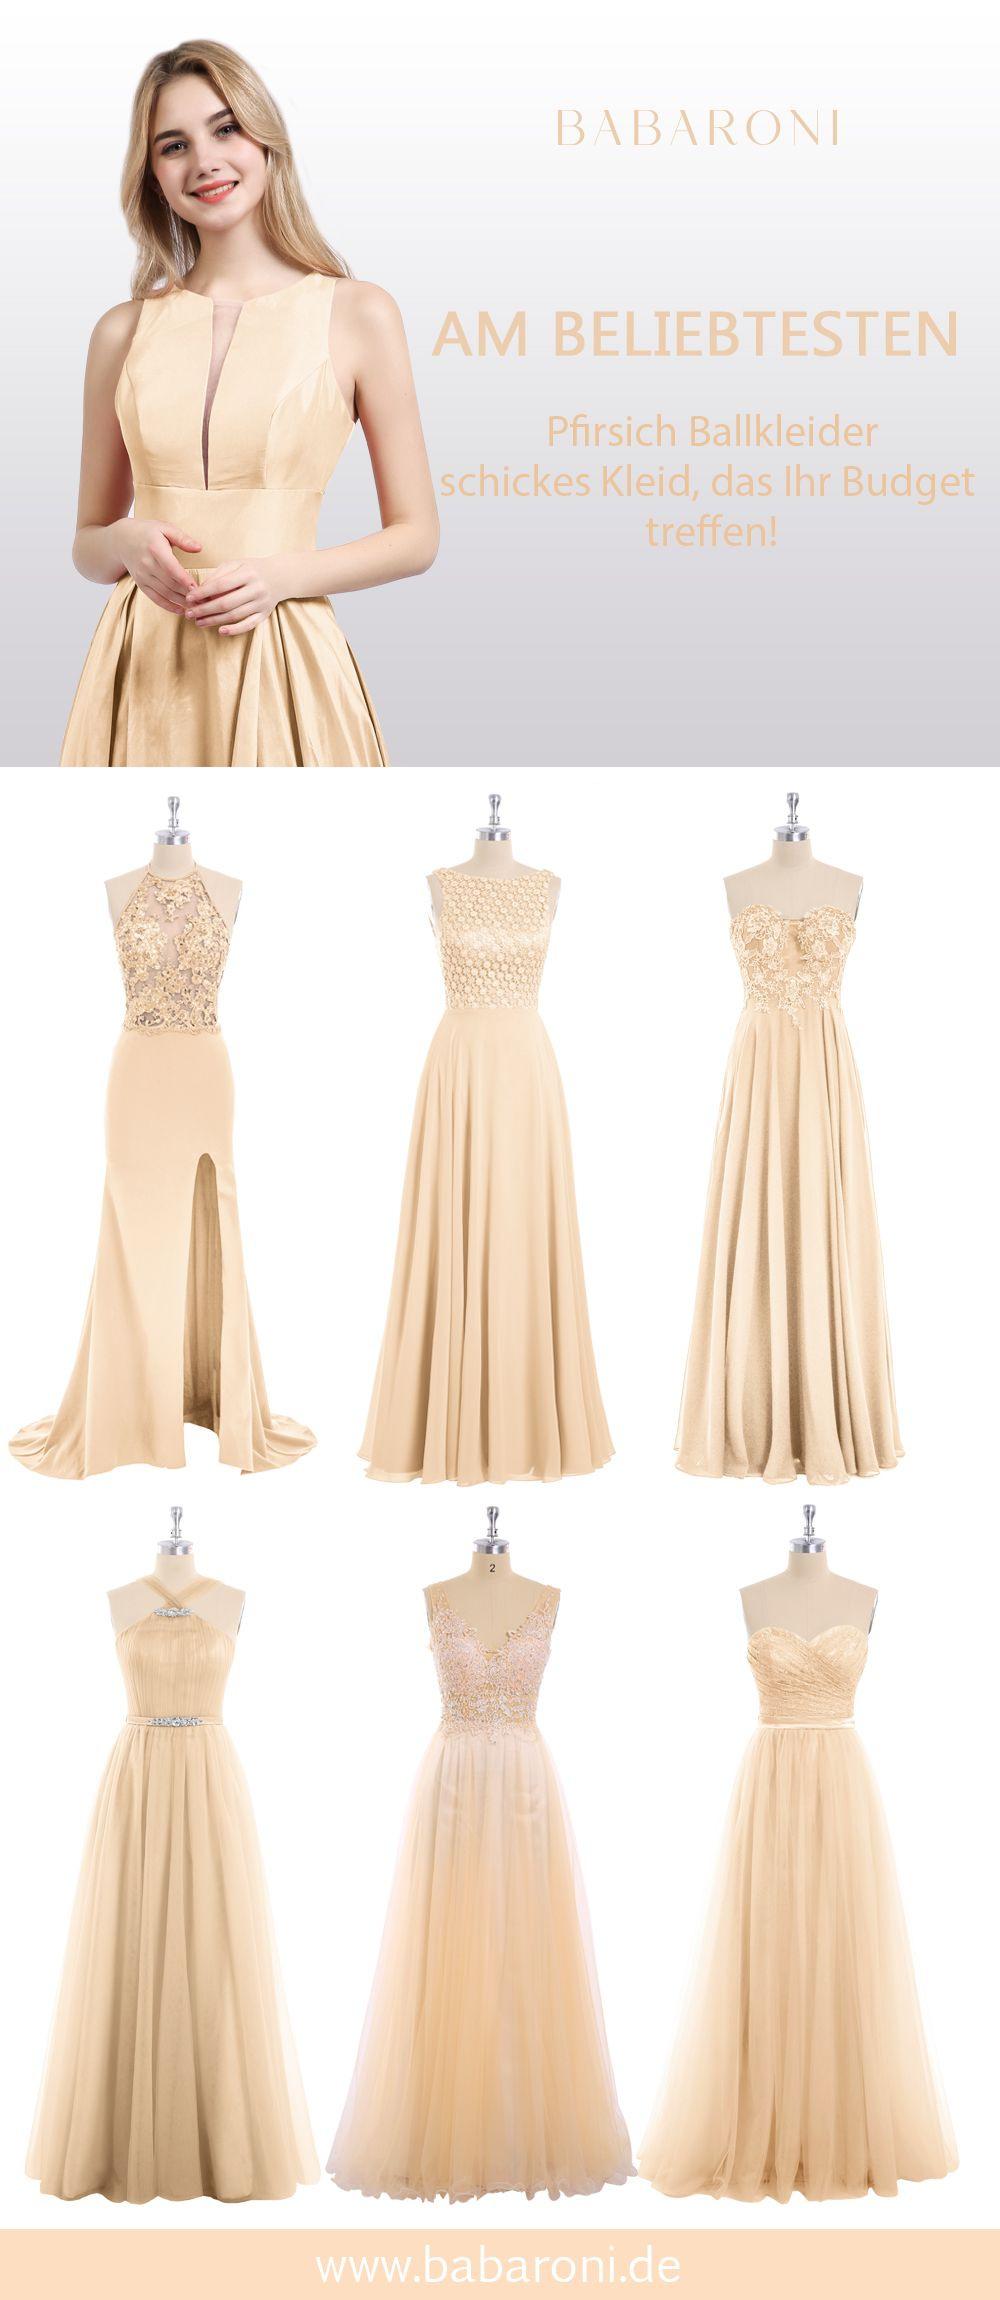 13 Cool Schickes Kleid Damen Stylish13 Luxurius Schickes Kleid Damen Bester Preis